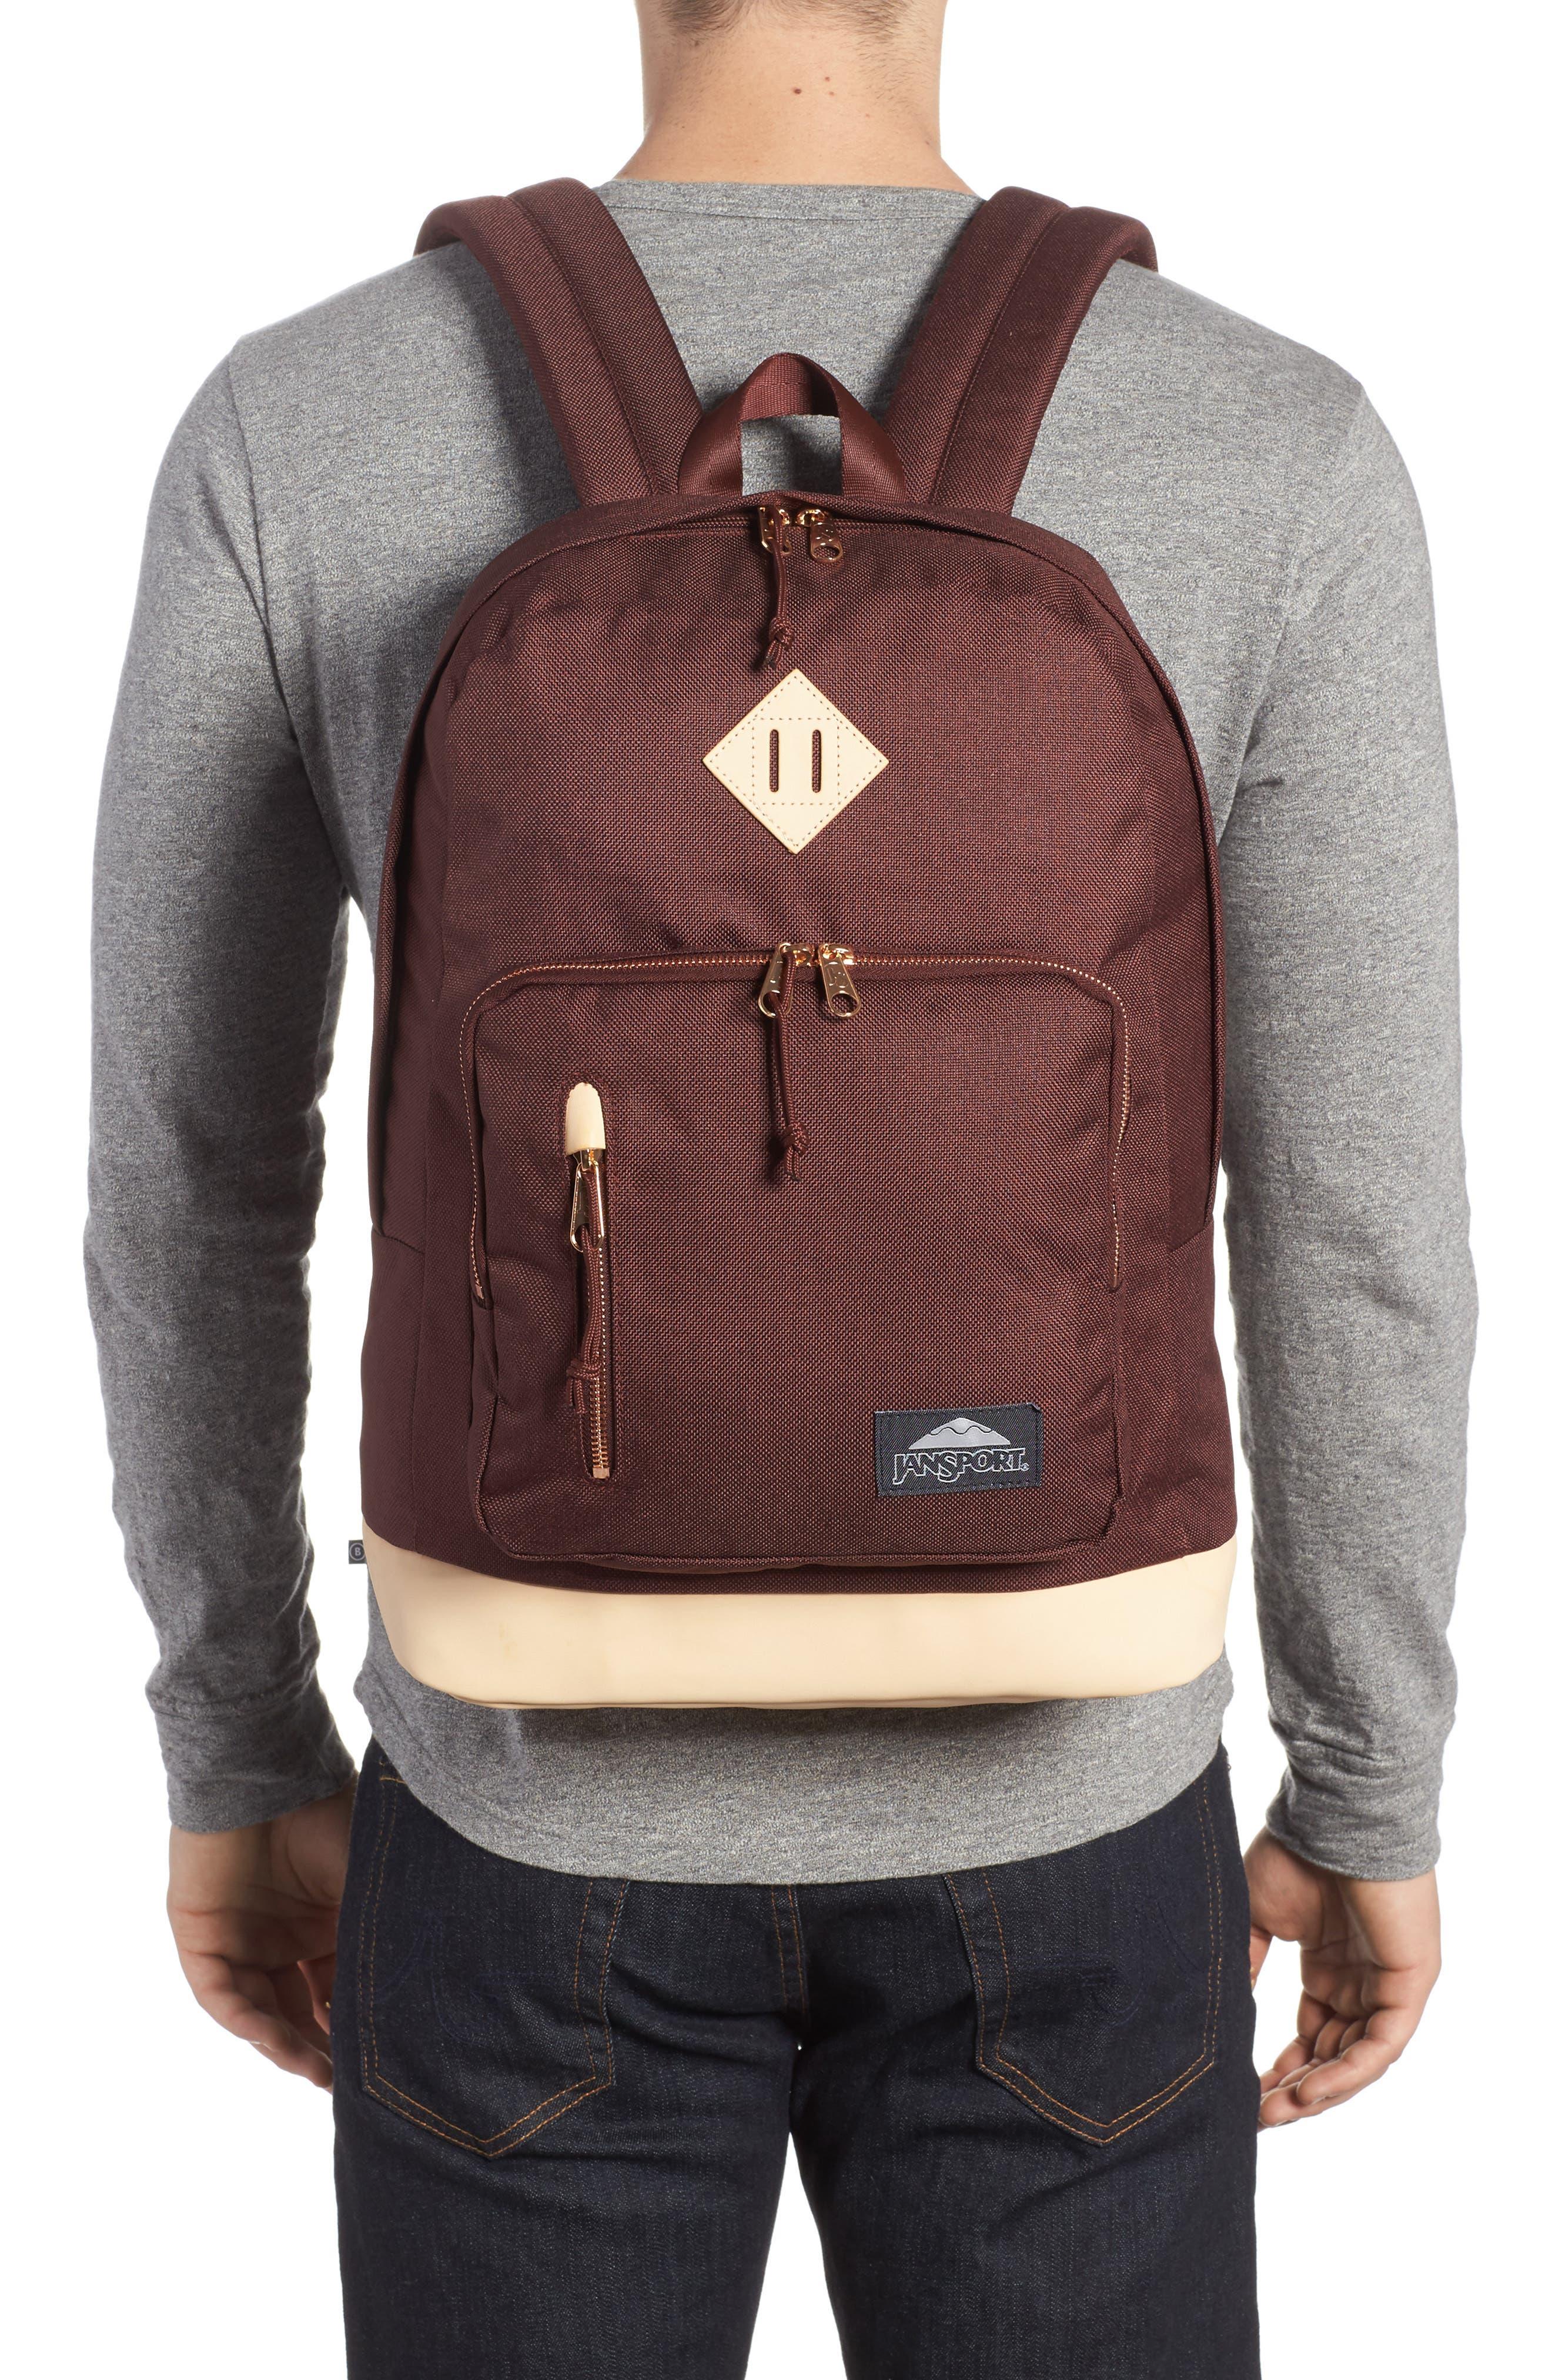 Red Rocks Axiom Backpack,                             Alternate thumbnail 2, color,                             Maroon Tweed